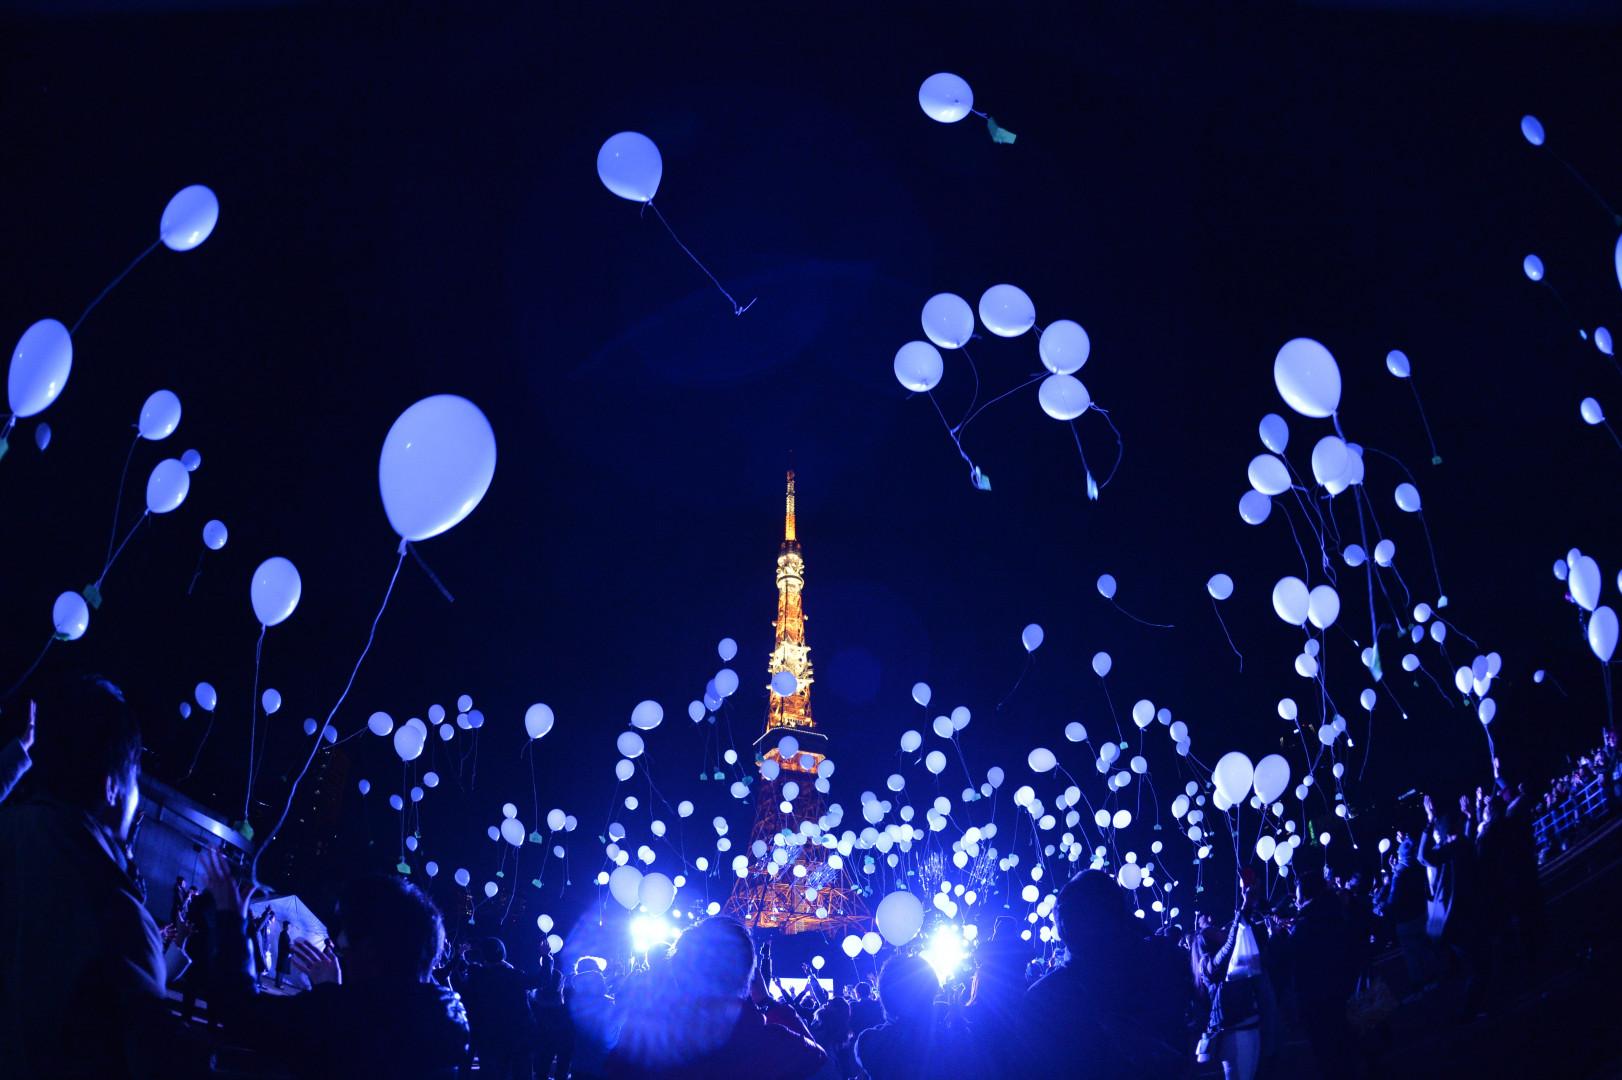 À Tokyo, plus d'un millier de ballons à l'hélium se sont envolés